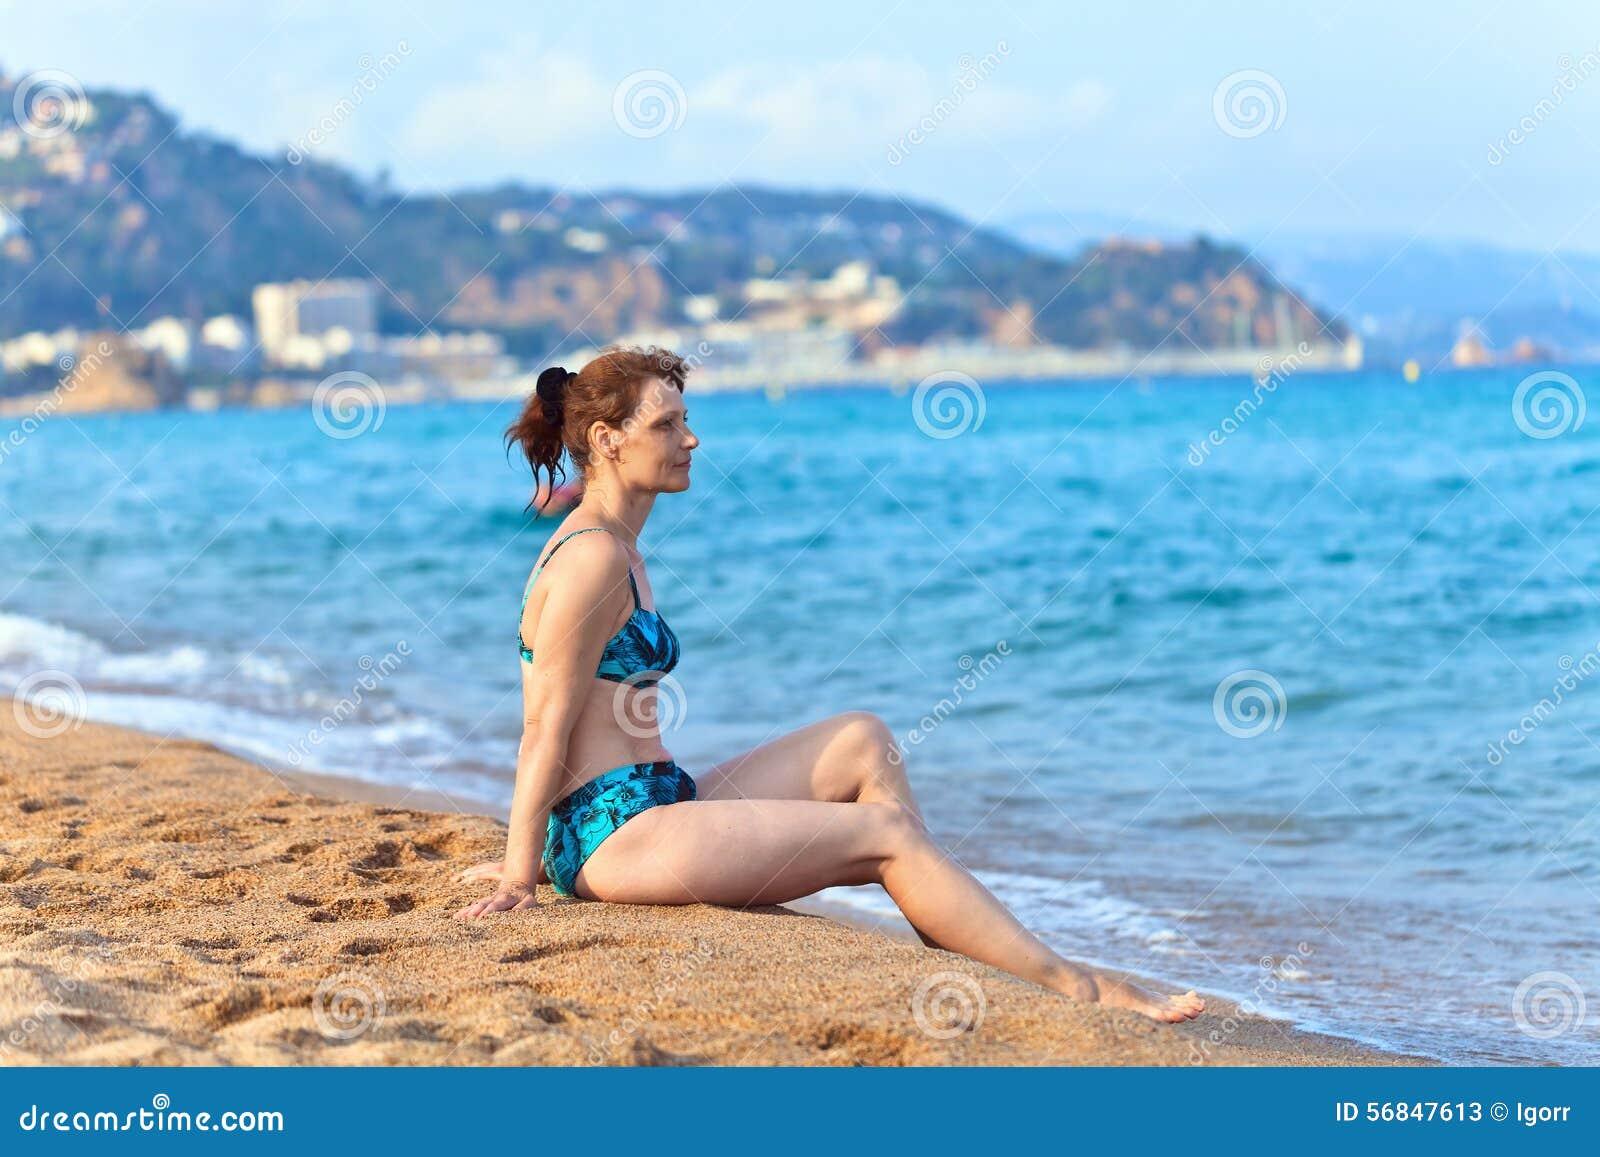 Видео ролики бесплатно женщин в возрасте на пляже фото 224-957